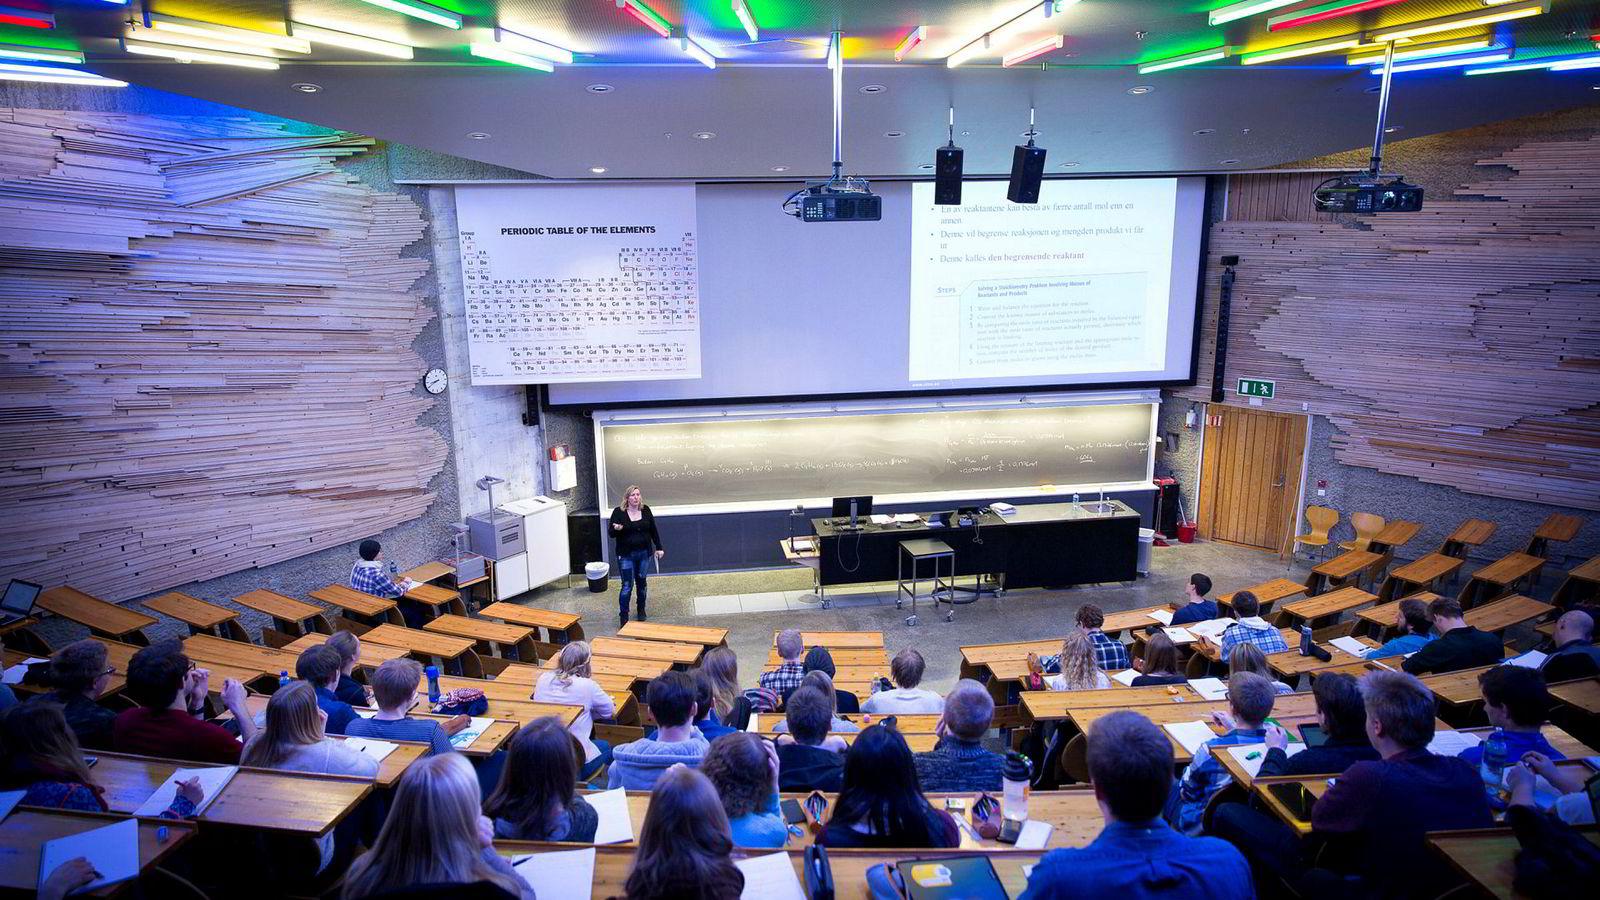 Norge er et så godt som helt likestilt land innen utdannelse. Bildet er fra en forelesning på Gløshaugen, NTNU.